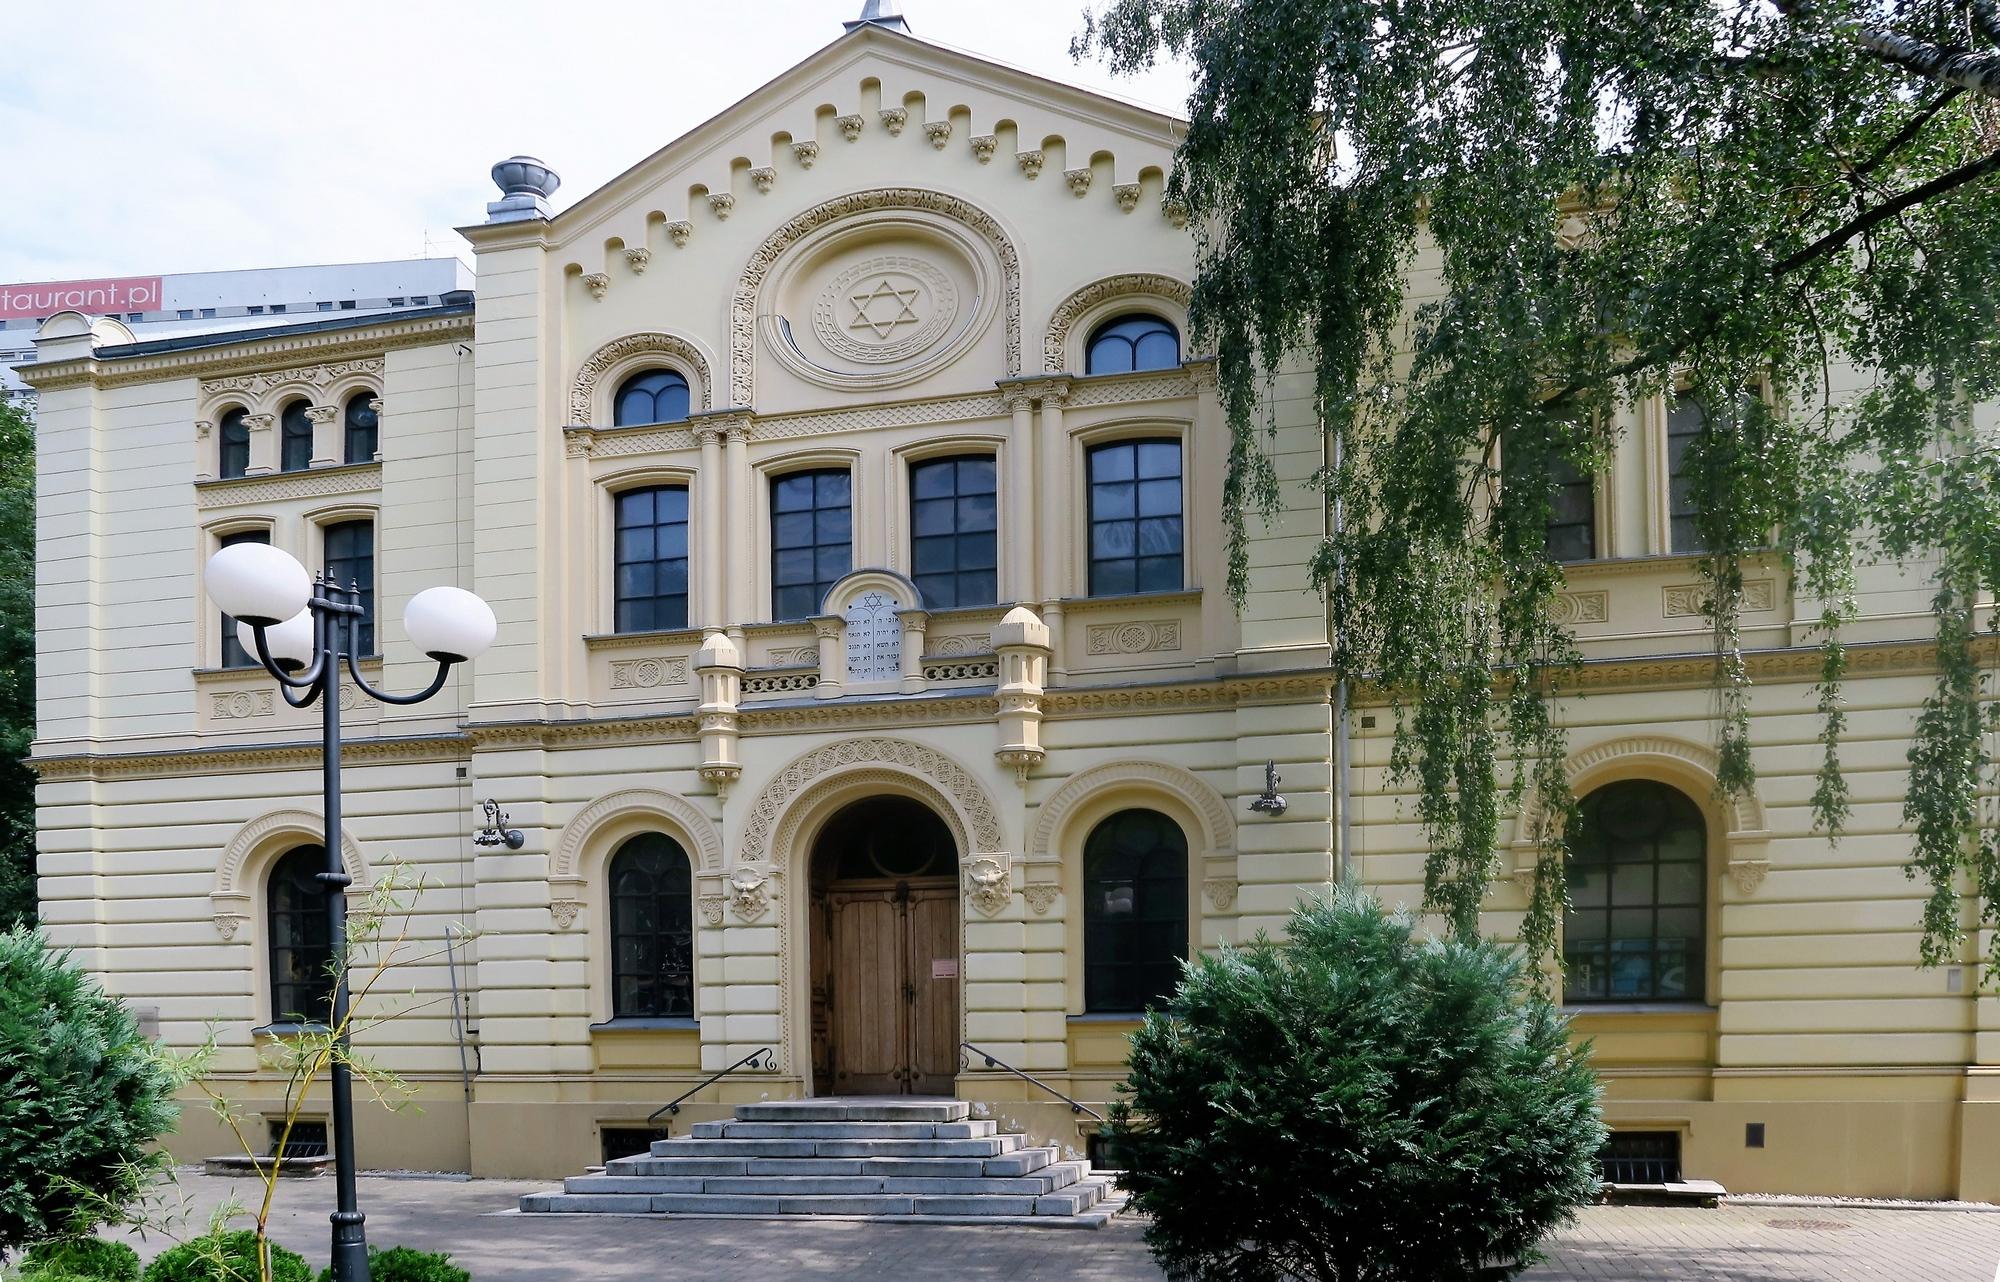 La synagogue Nozyk